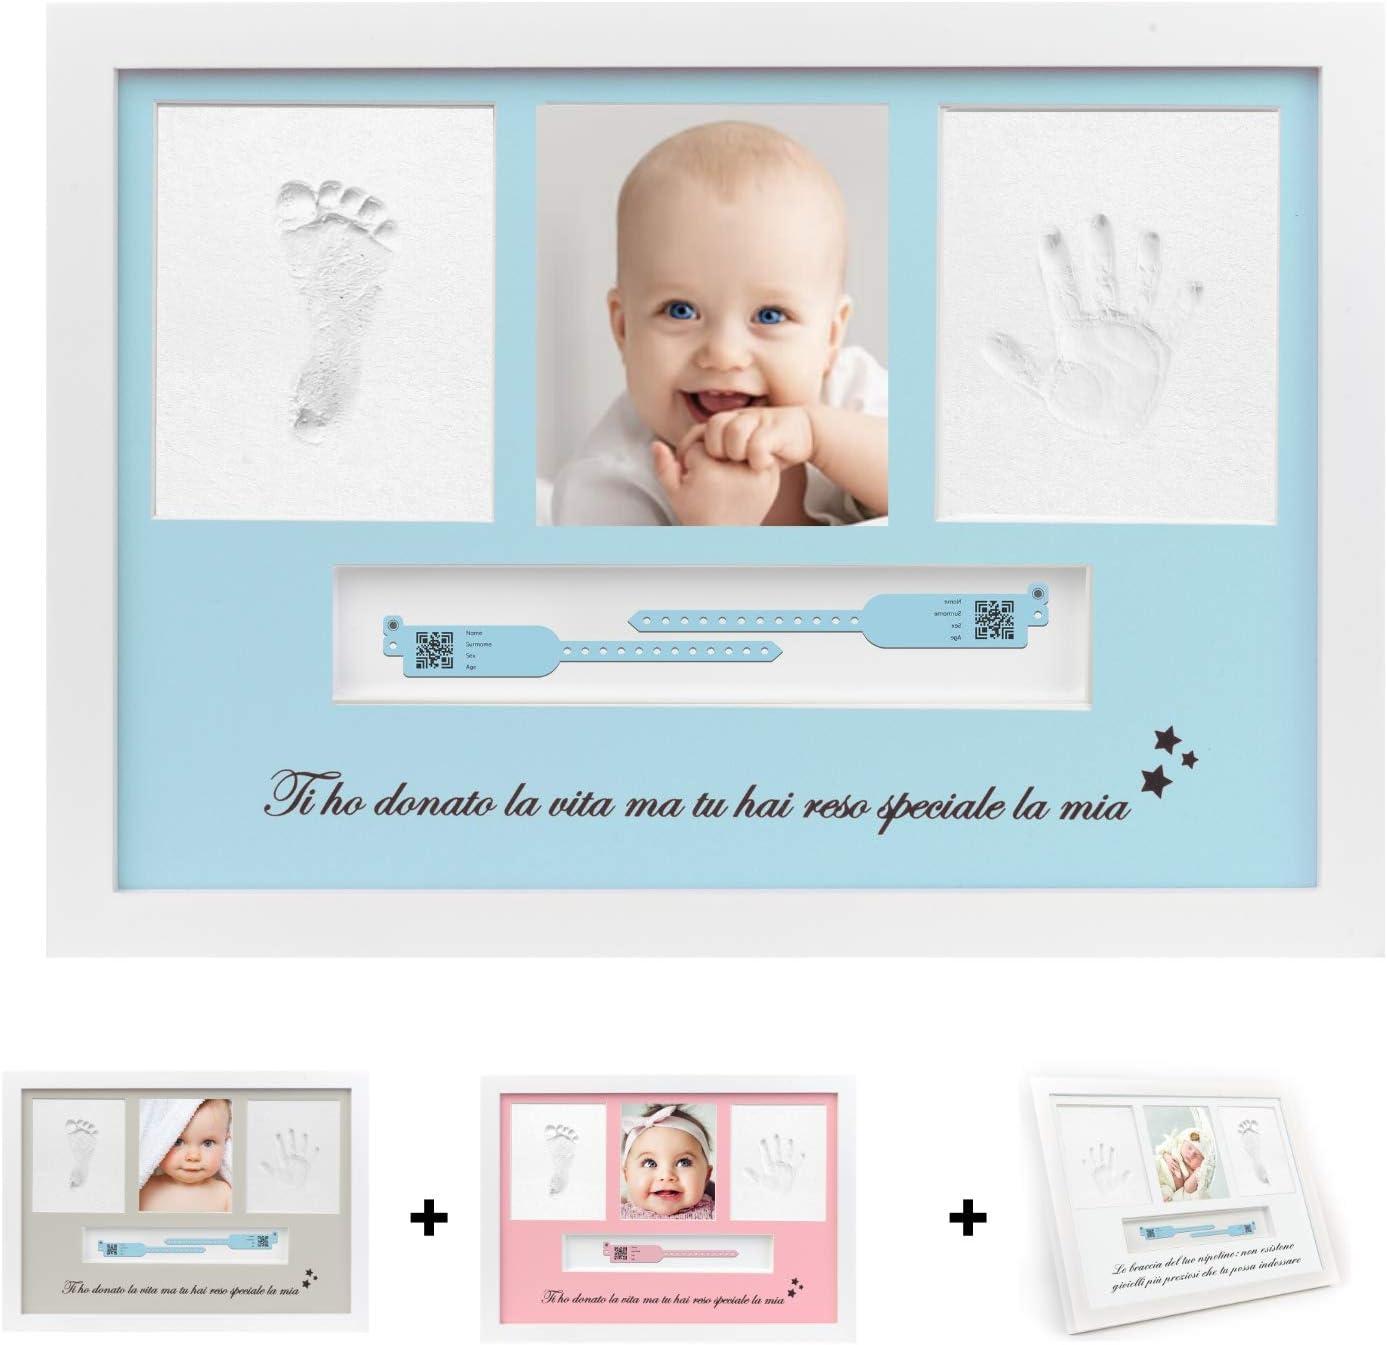 YOUBABY - Marco de huellas de bebé, diseño de huellas de manos y pies de bebé, regalo para recién nacido, bautizo de bebé, nacimiento de niño, brazalete para bebé, idea regalo de Navidad